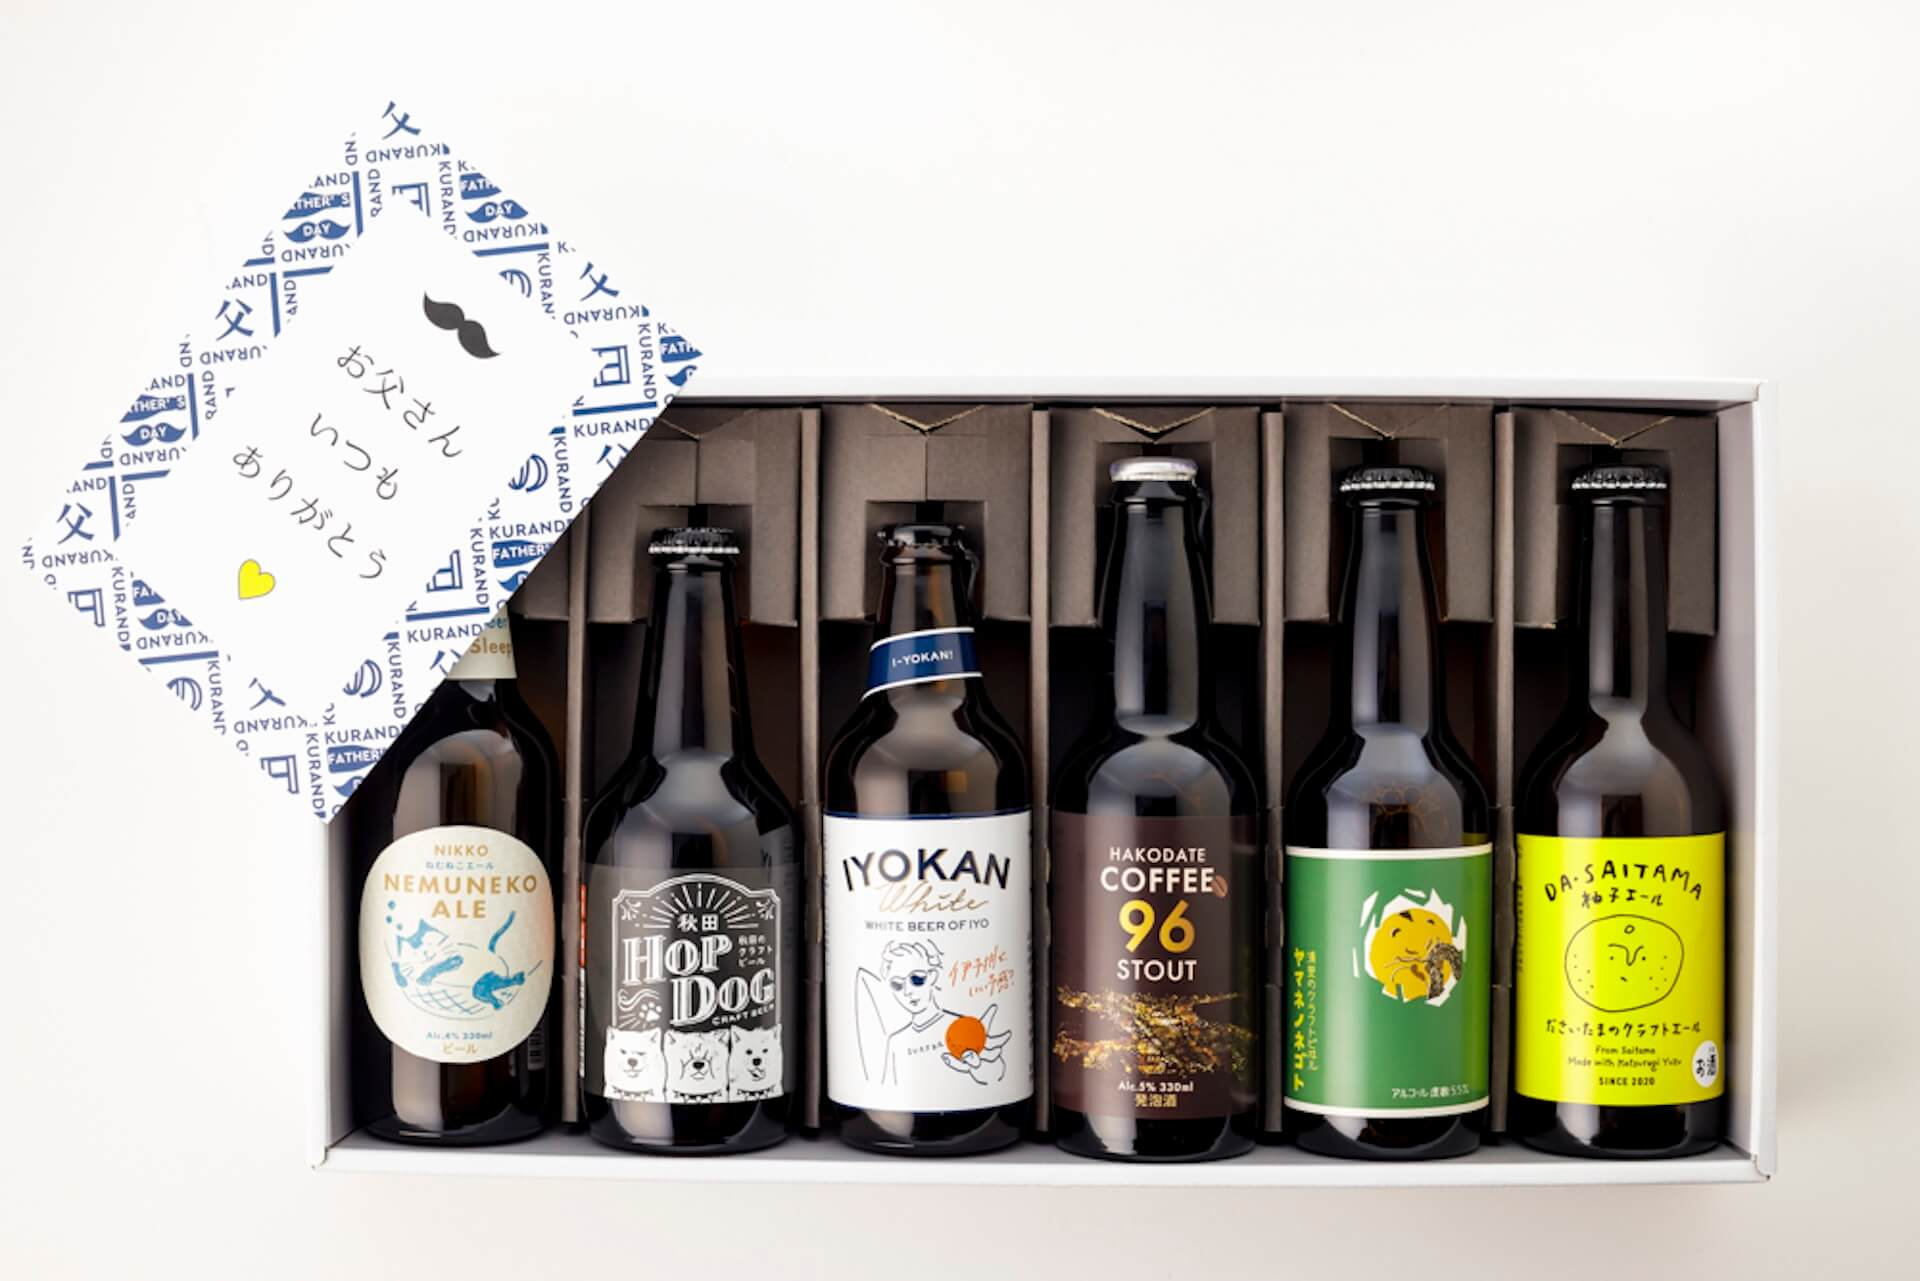 お好みのお酒を選べる「父の日酒ギフト」が登場!ビール・日本酒の飲み比べやプロが選ぶおつまみセットも gourmet_fathersdaygift_06